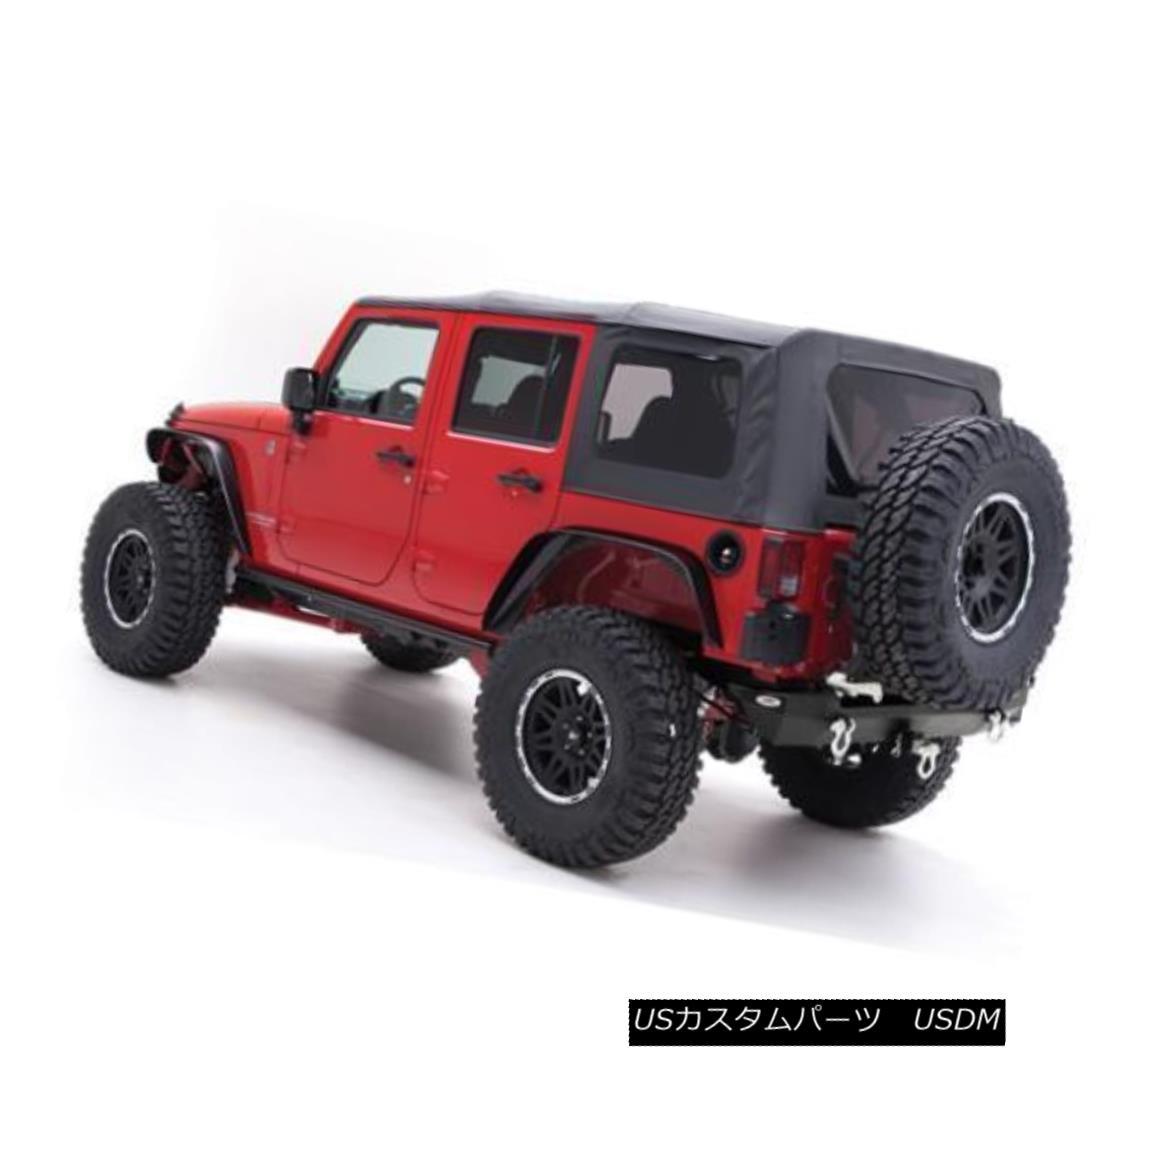 幌・ソフトトップ Jeep Wrangler JK Soft Top 10-17 4 DR OEM Replacement Black Diamond 9085235 ジープラングラーJKソフトトップ10-17 4 DR OEM交換ブラックダイヤモンド9085235